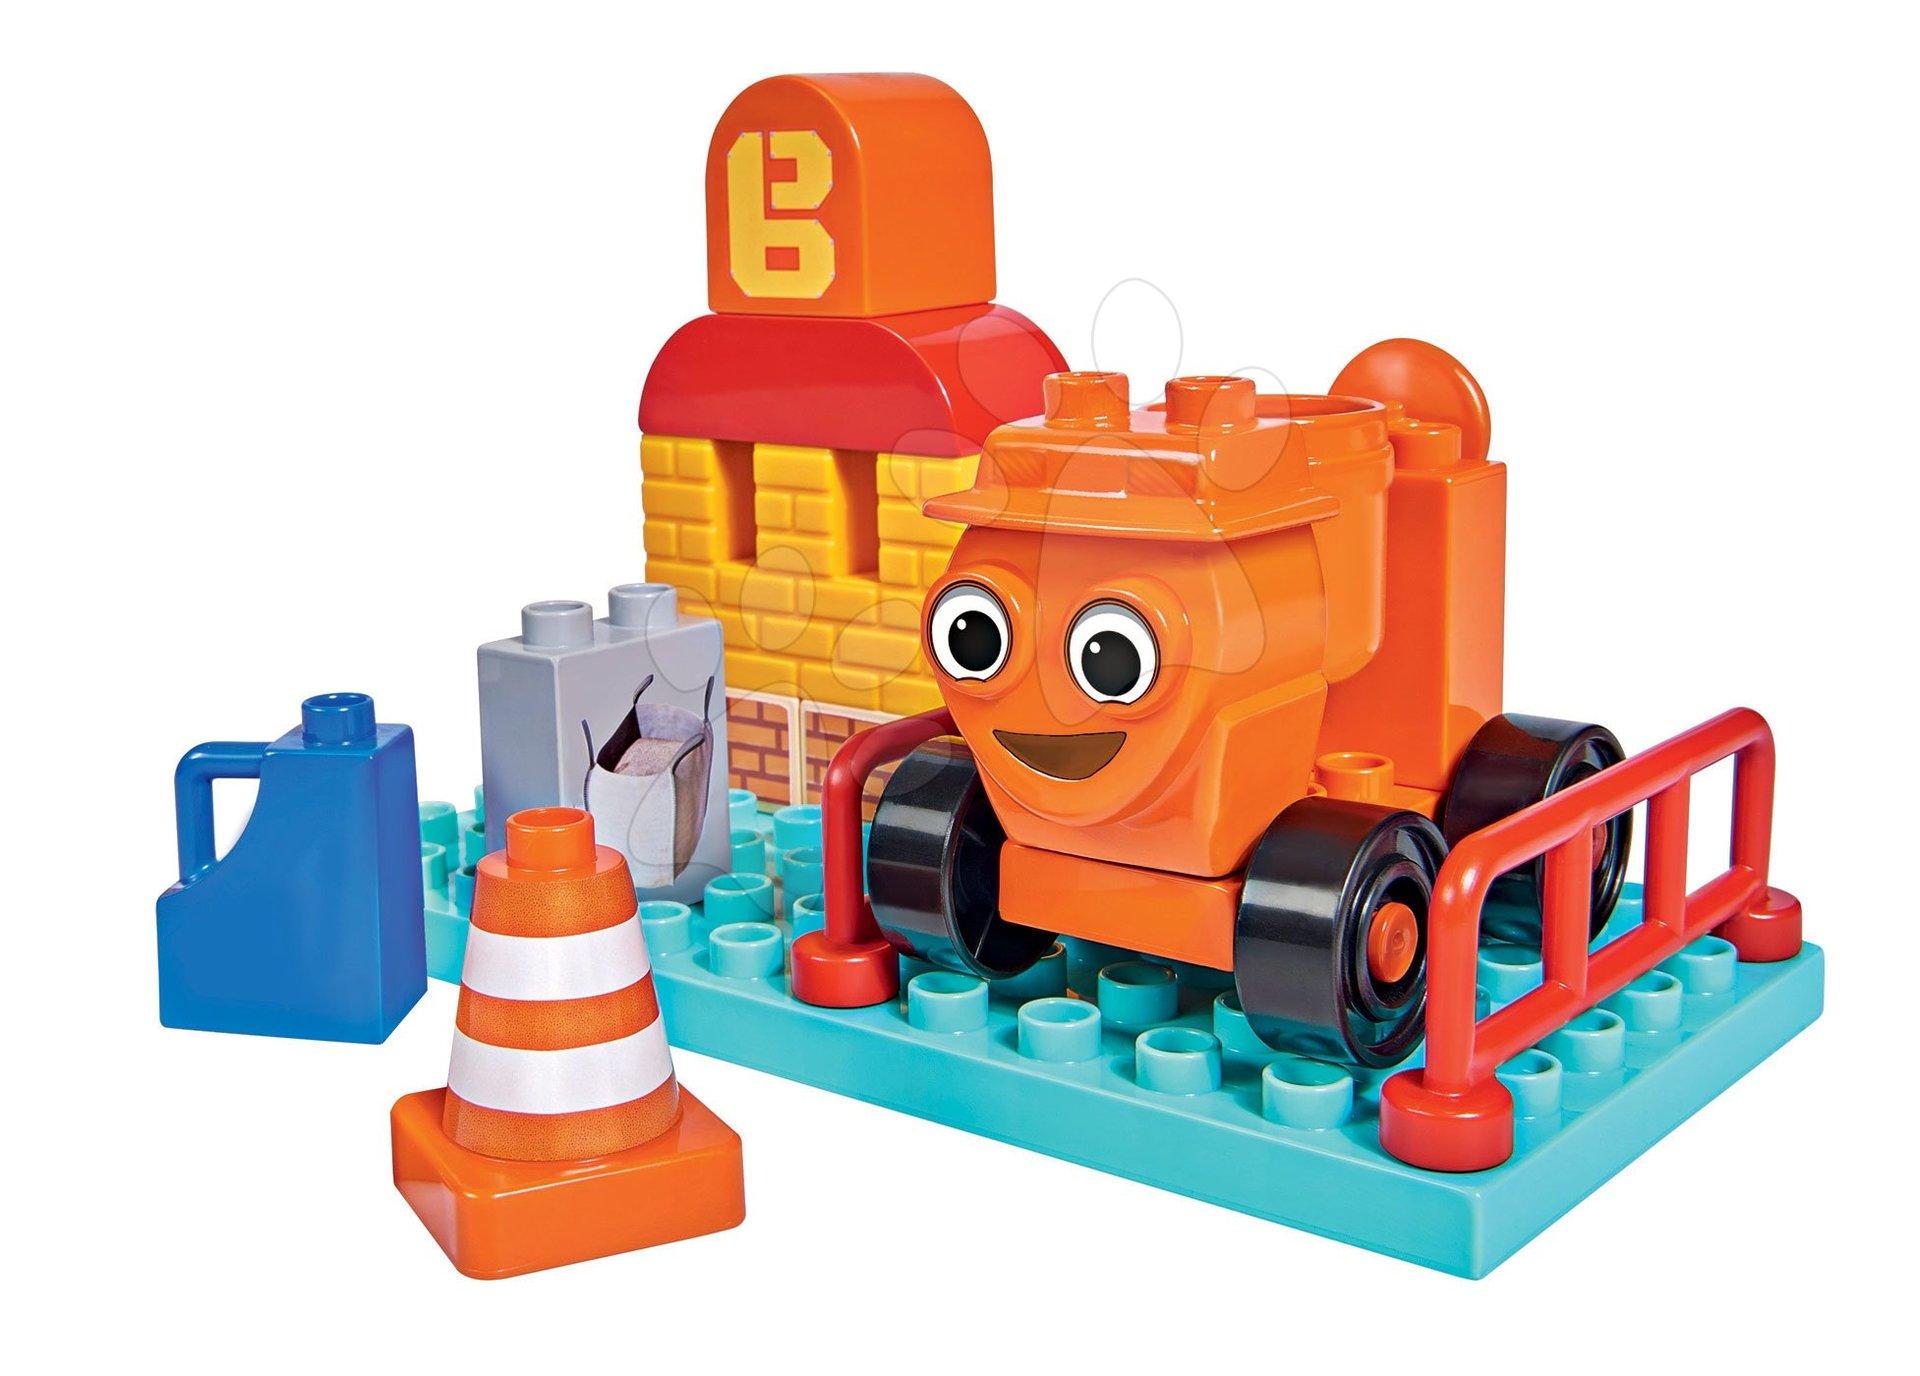 Stavebnice Bořek Stavitel PlayBIG Bloxx míchačka na staveništi BIG 16 dílů od 24 měsíců